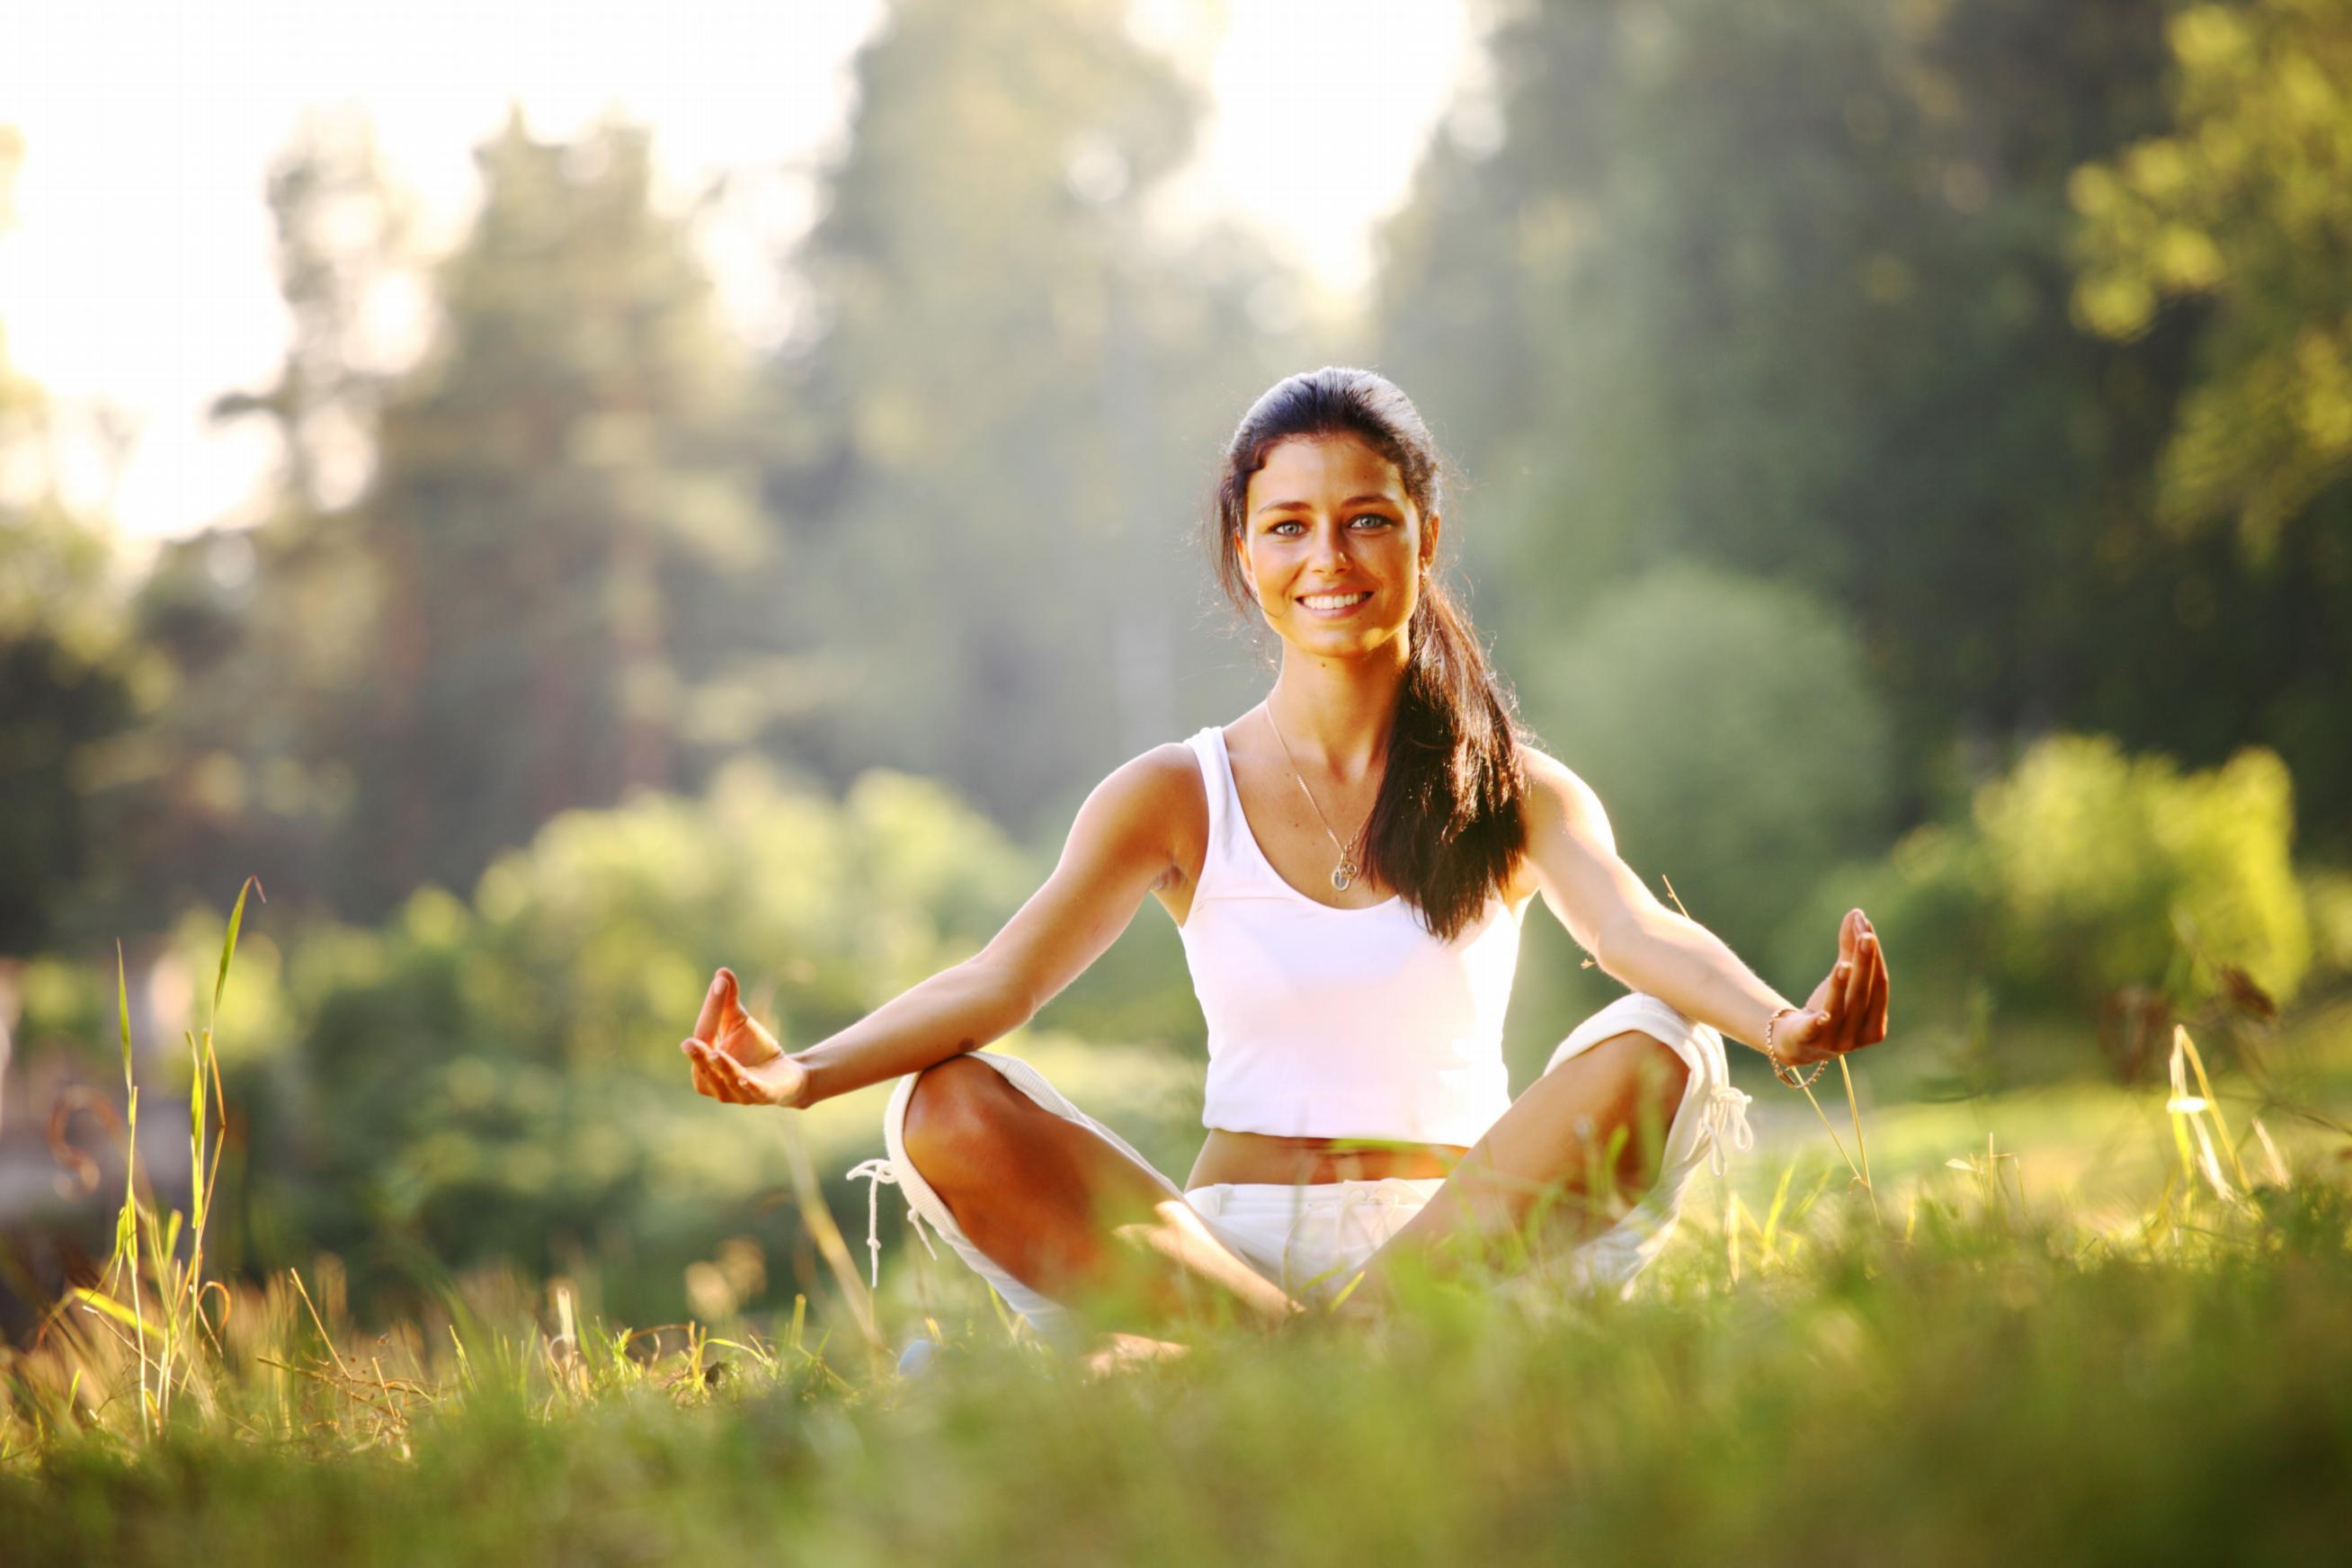 Aktywność fizyczna zmusza chorego do fizycznego wysiłku, który wprowadza jego umysł w stan relaksu i ogranicza obsesyjne myślenie przez zmniejszenie poziomu napięcia emocjonalnego